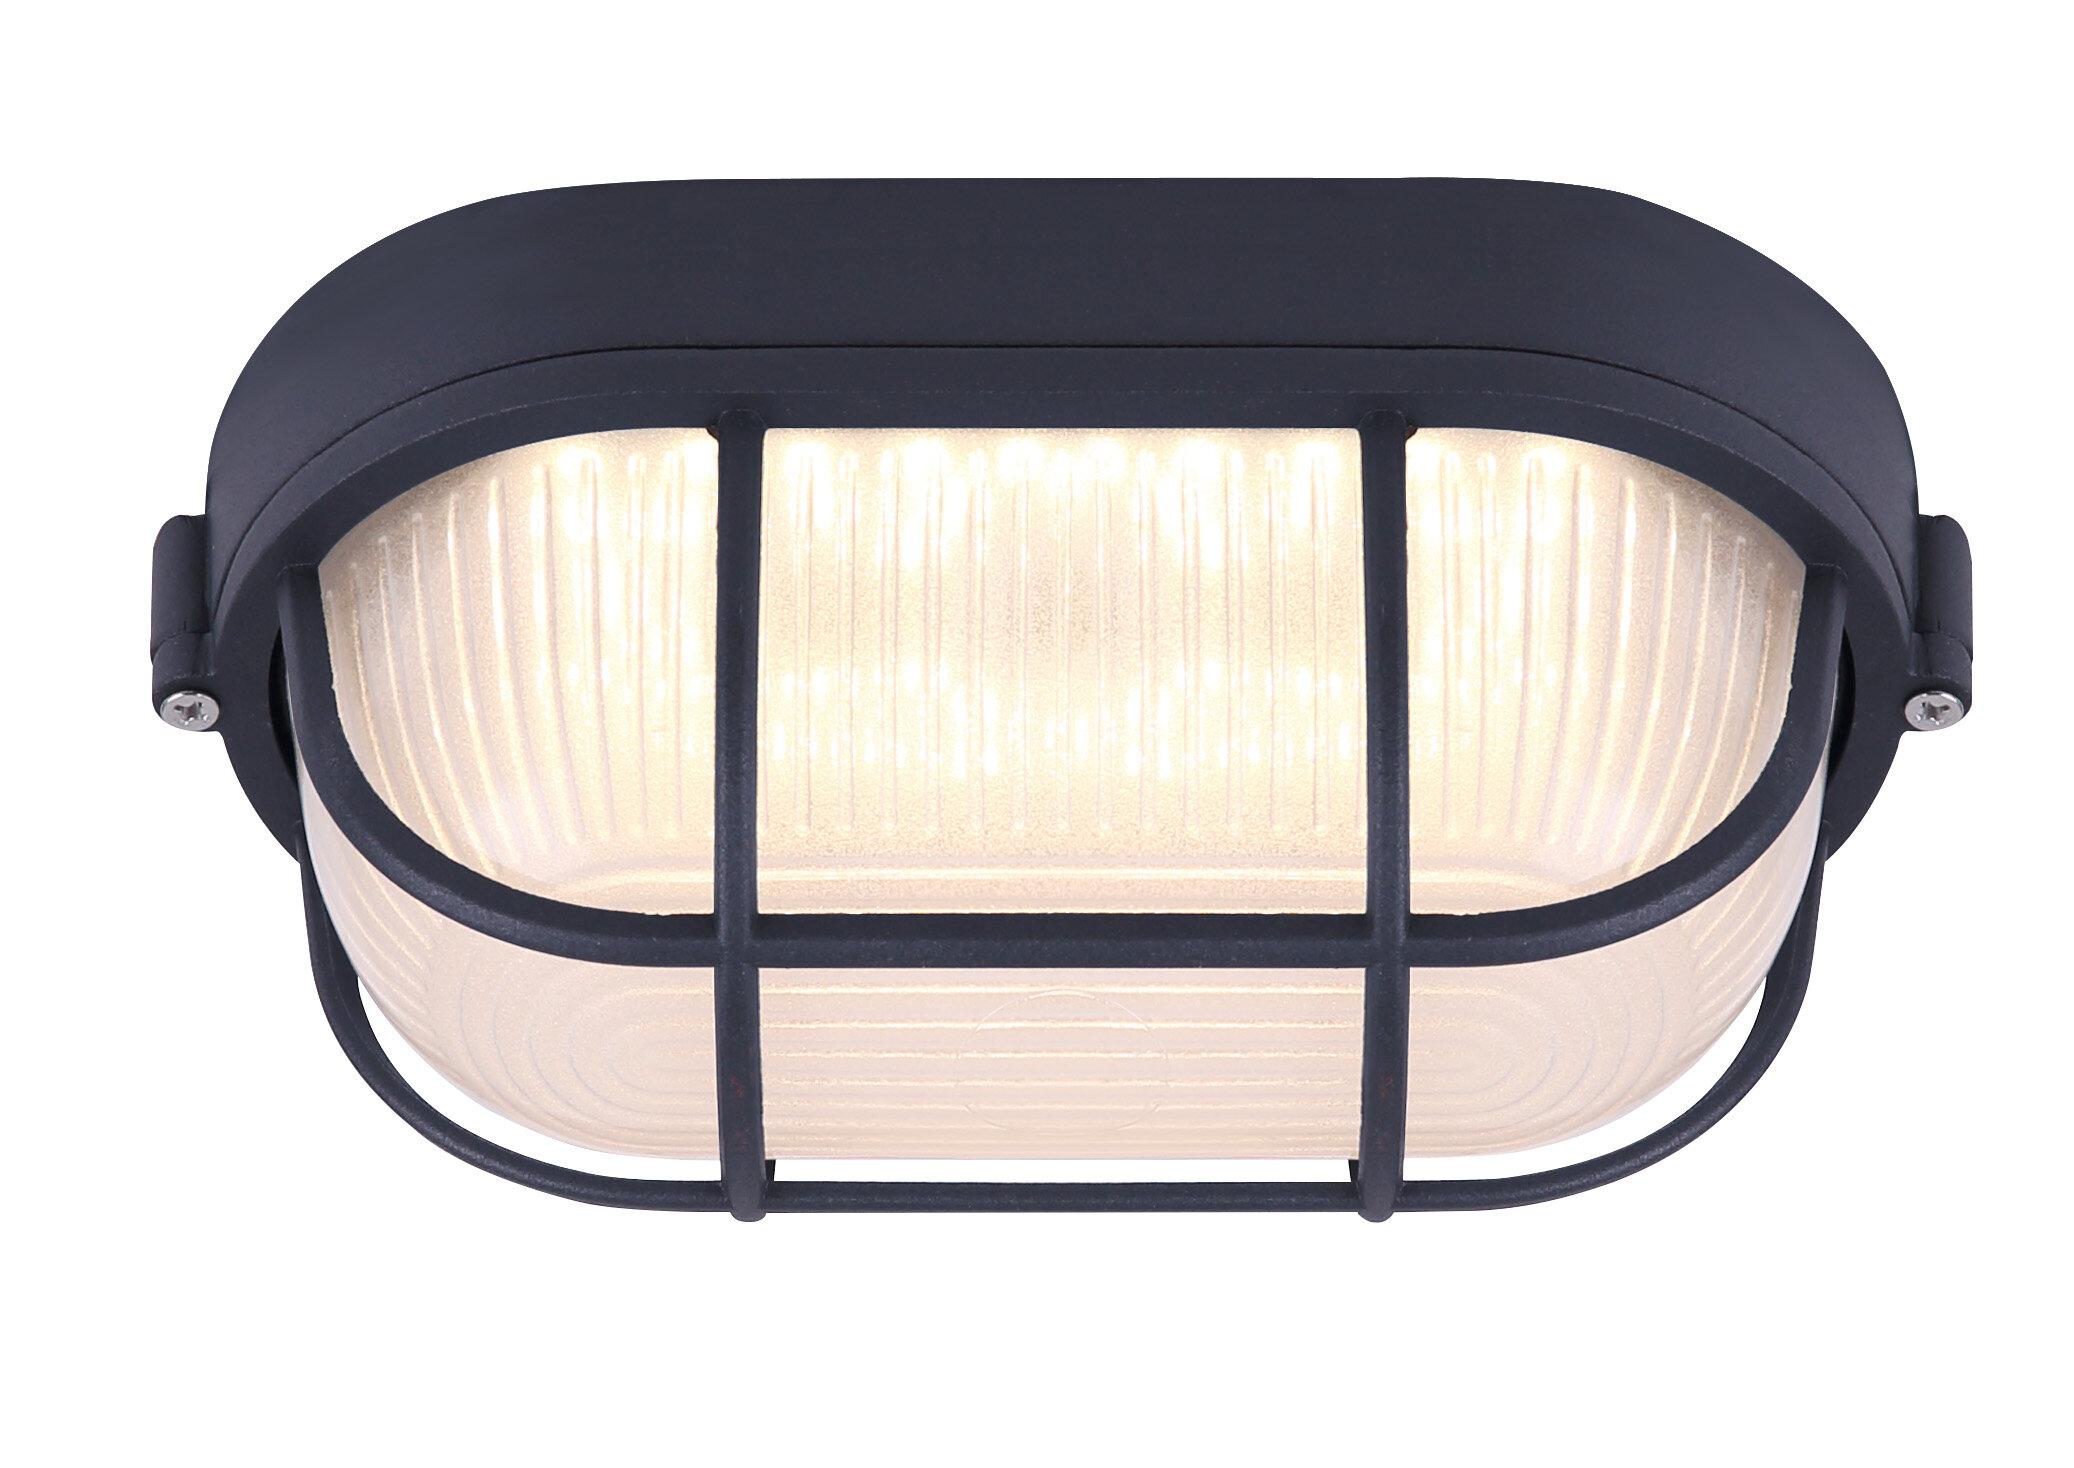 Led Outdoor Bulkhead Light